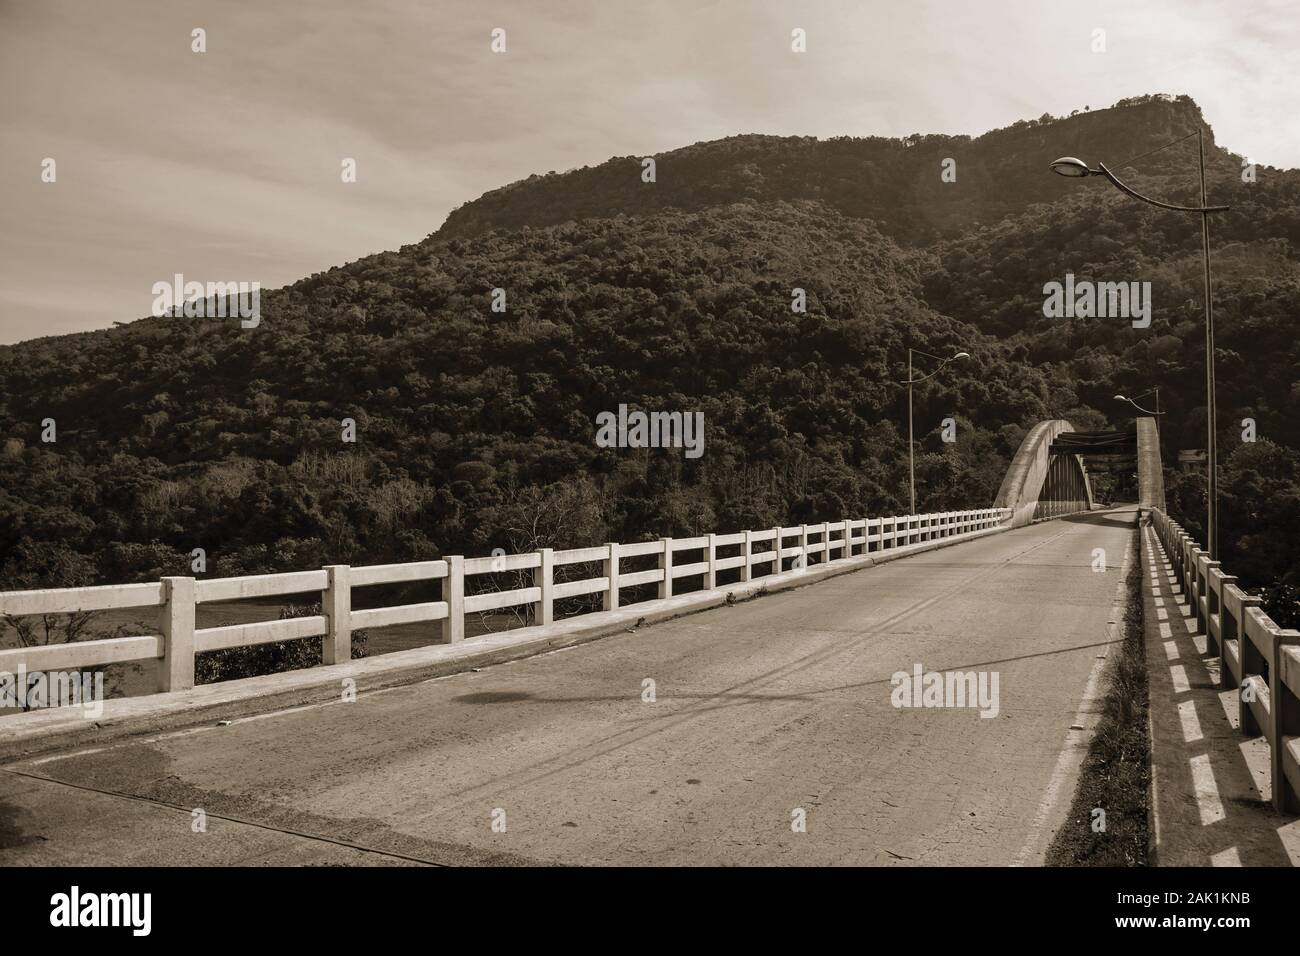 Atado-puente de arco de hormigón sobre el río Antas, en medio del paisaje boscoso cerca de Bento Gonçalves. Un país productor de vino de la ciudad en el sur de Brasil. Foto de stock